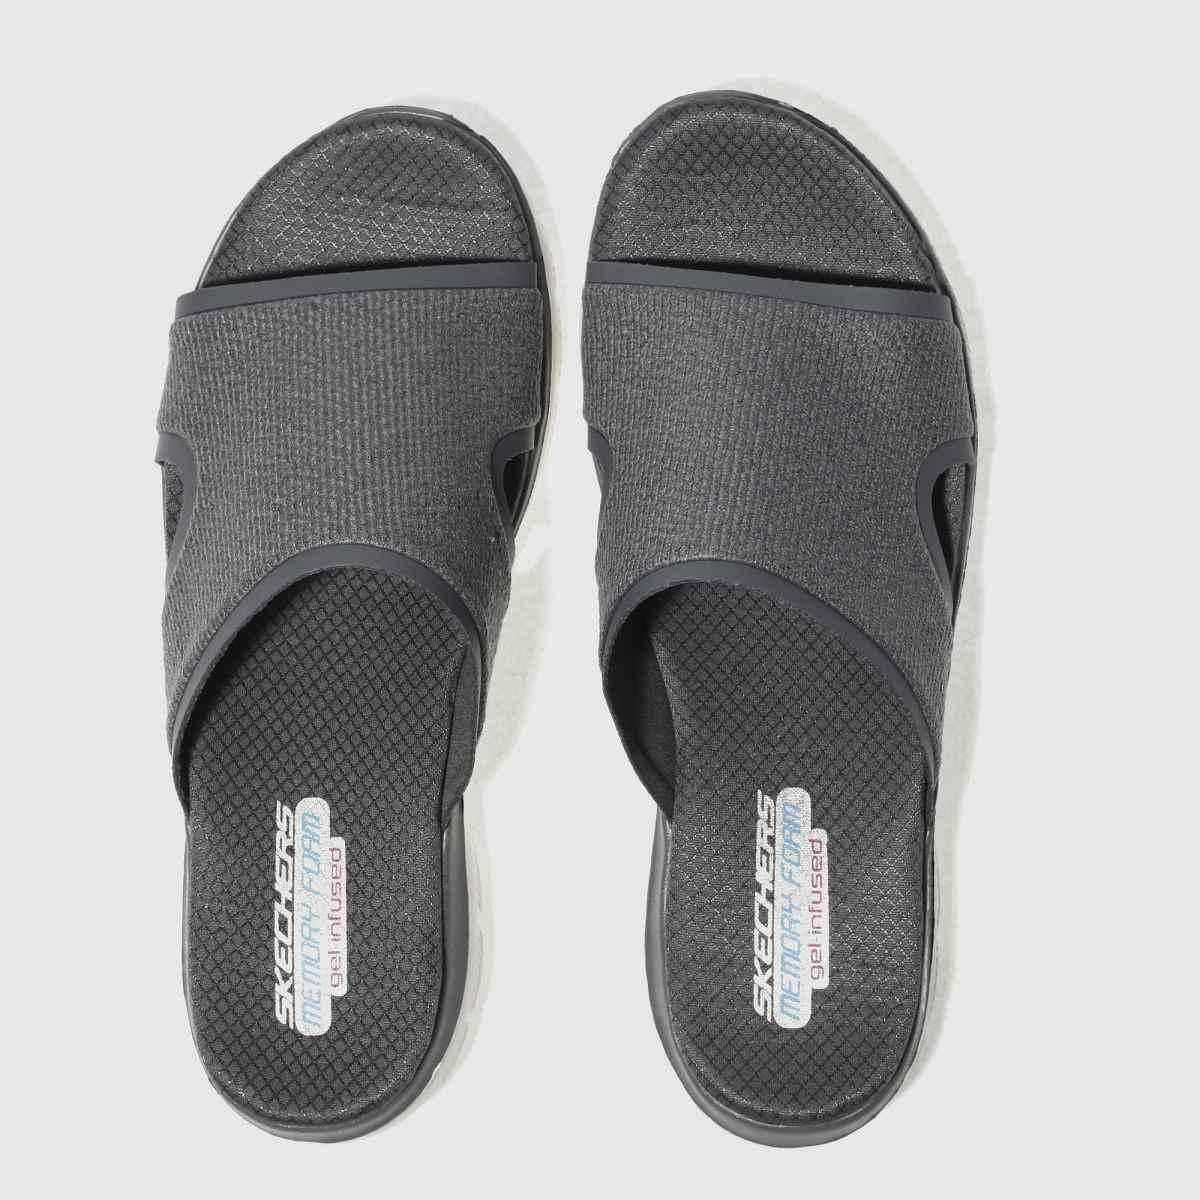 Skechers Grey Flex Appeal 2.0 Summer Jam Sandals